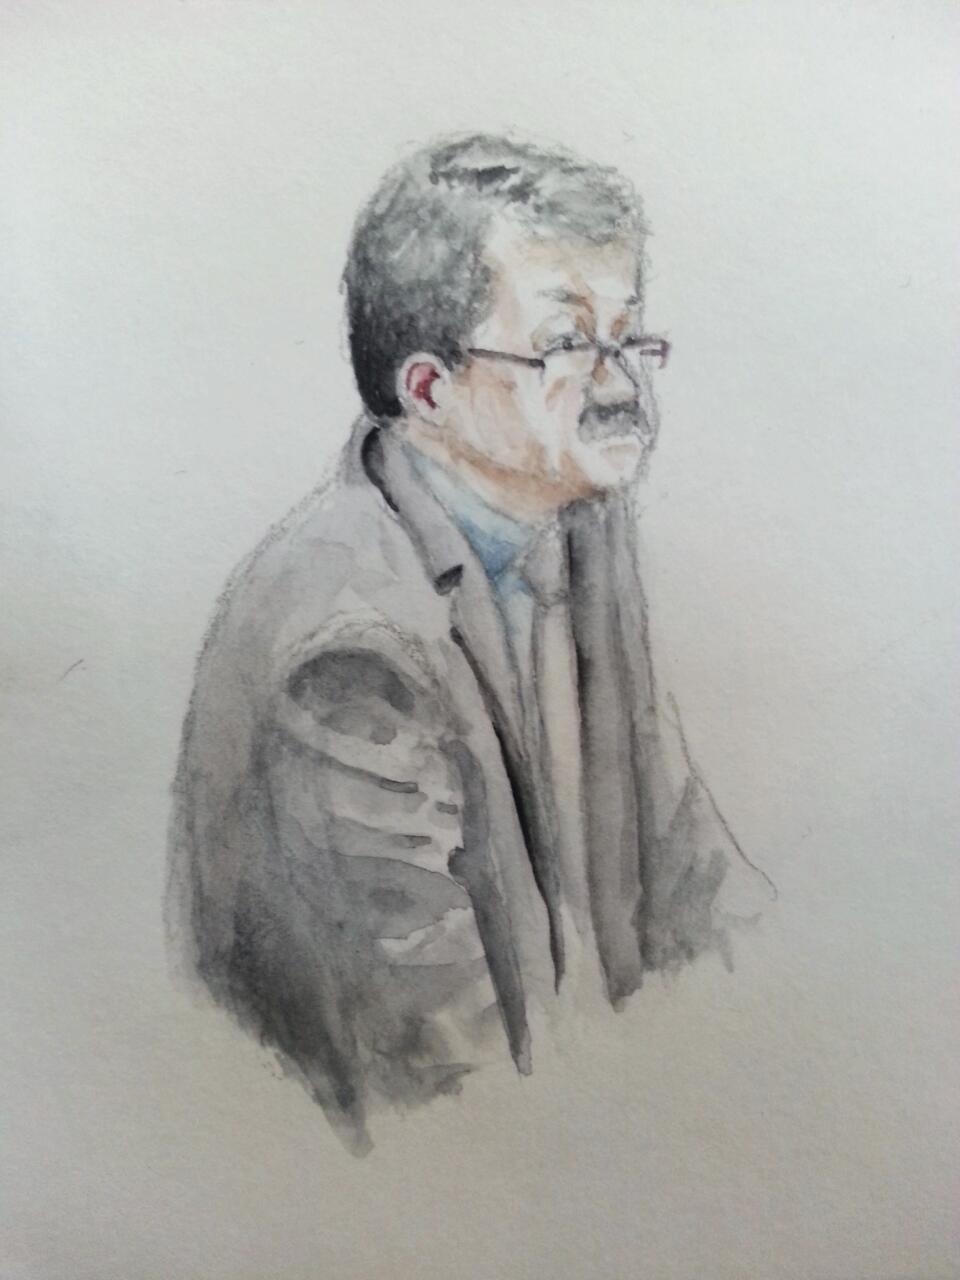 H.K. während seiner Anhörung. Zeichnung: Stella Schiffczyk